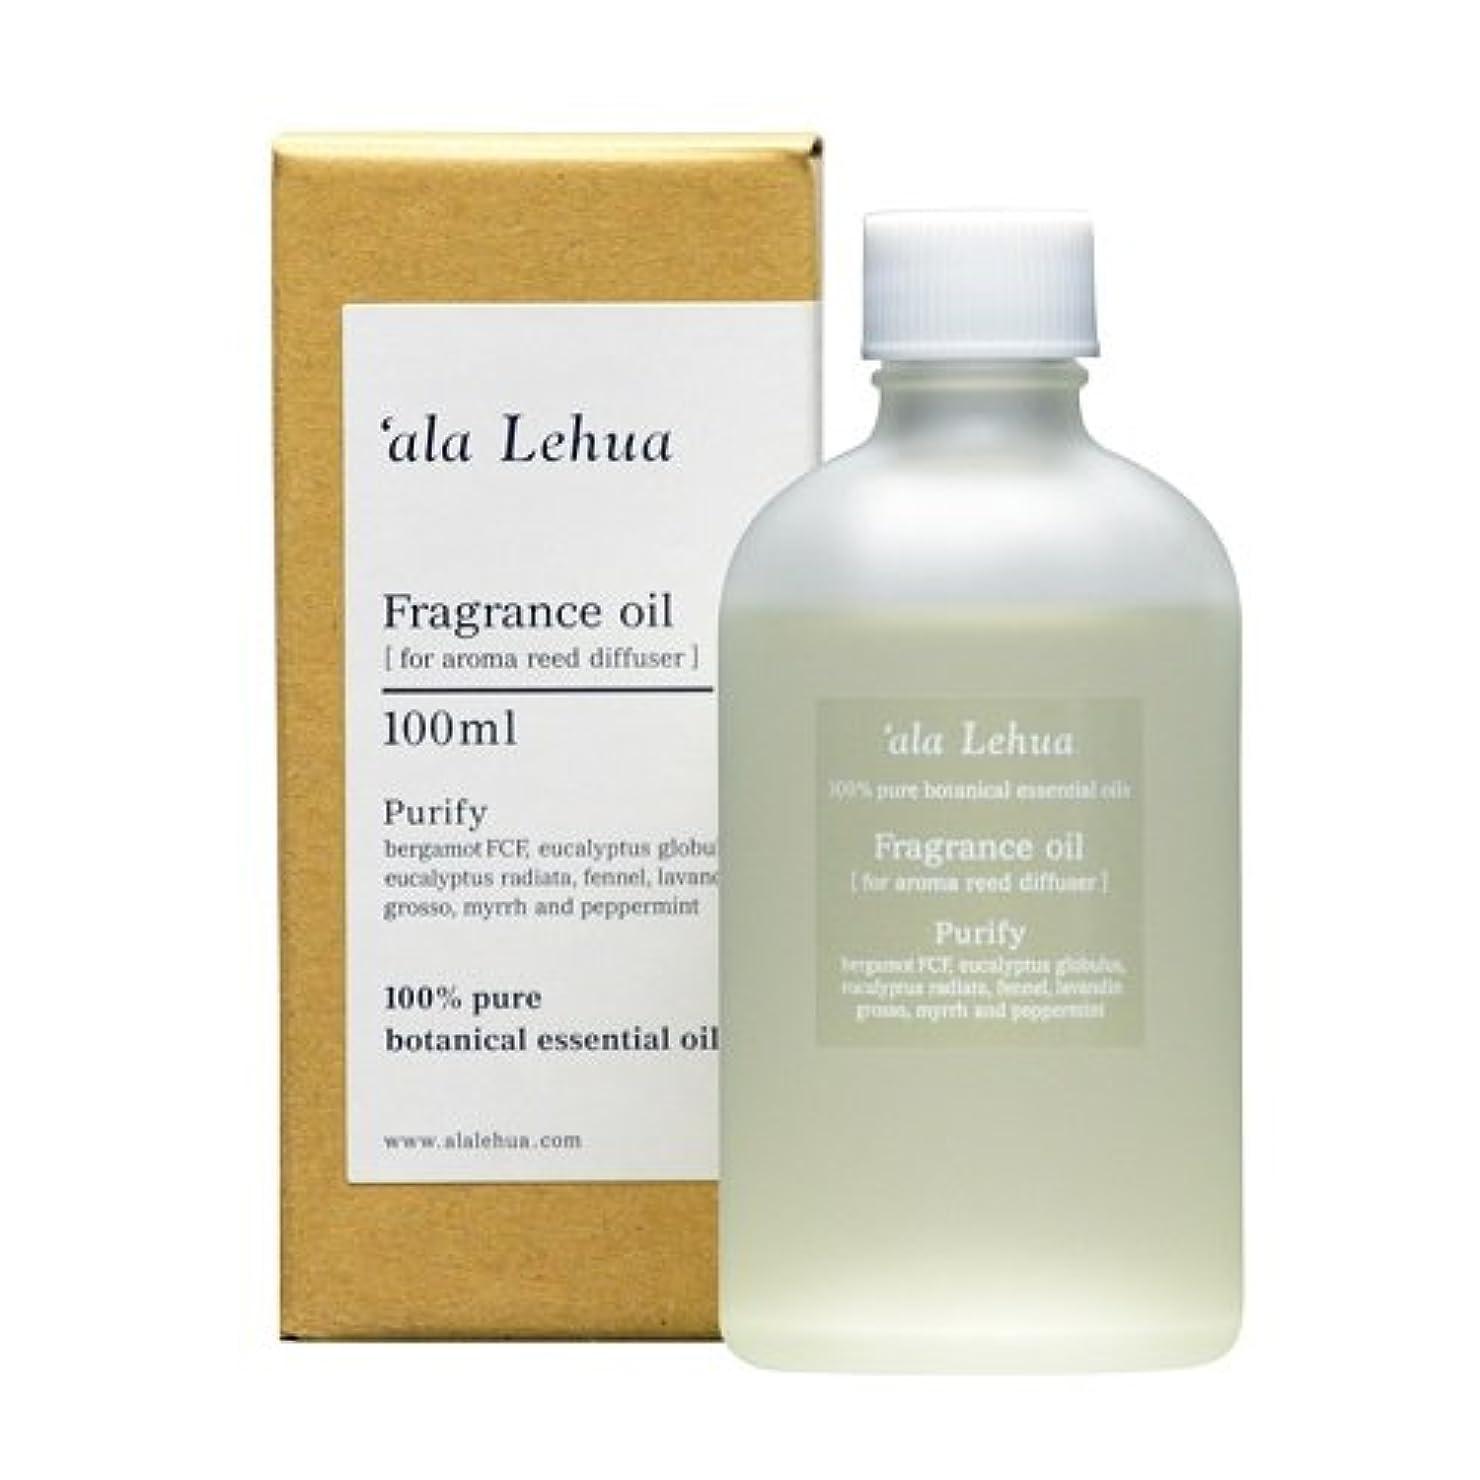 記憶天国つなぐフレーバーライフ(Flavor Life) `ala Lehua (アラレフア) アロマリードディフューザー フレグランスオイル 100ml purify(ピュリファイ)